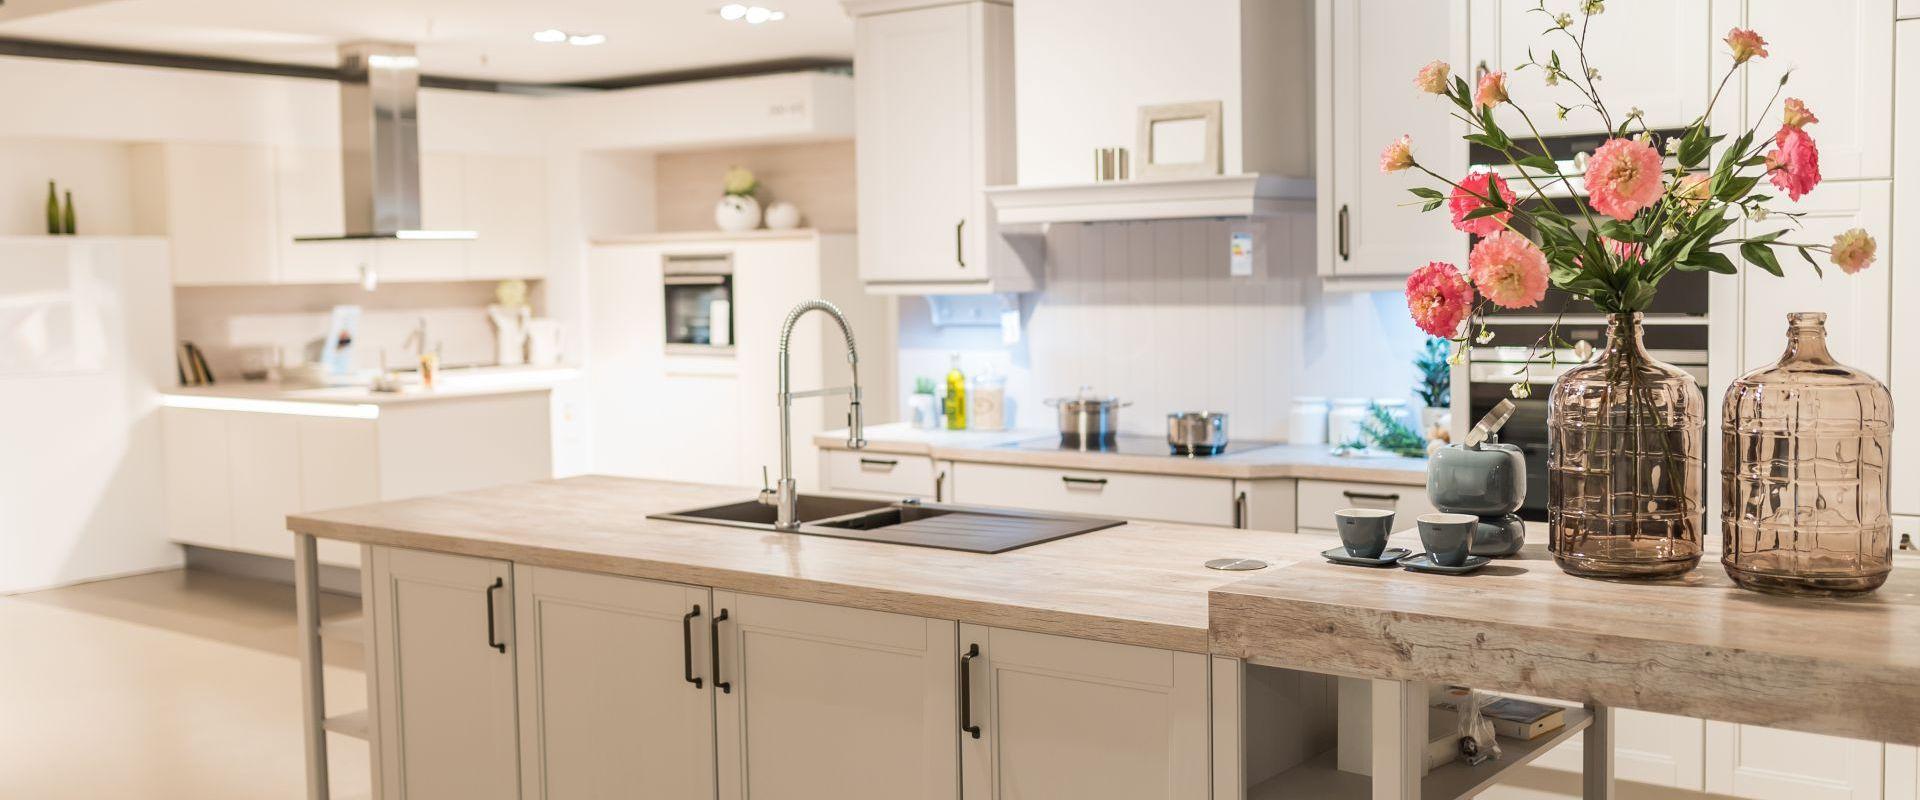 Full Size of Kche Kaufen Bei Spilger Spilgerde Freistehende Küche Küchen Regal Wohnzimmer Freistehende Küchen